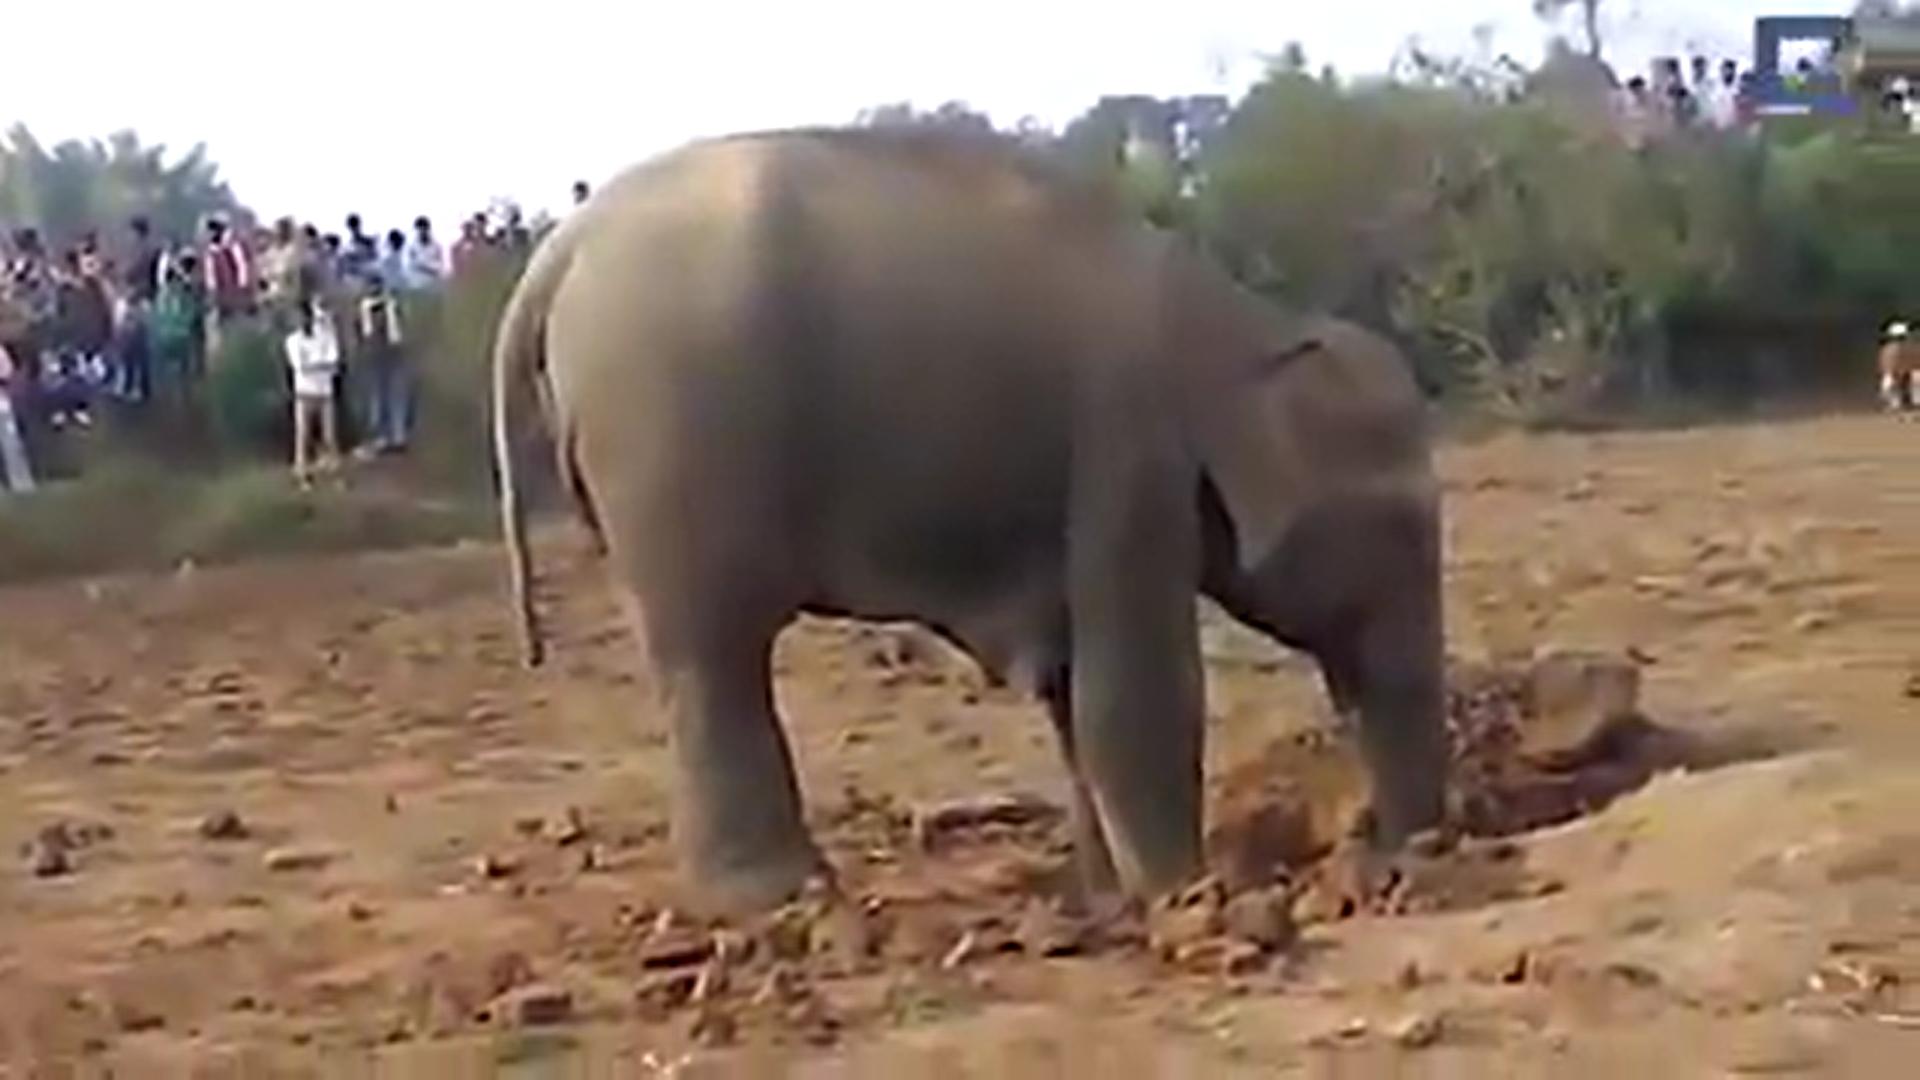 Le comportement de l'éléphant commençait à inquiéter les villageois